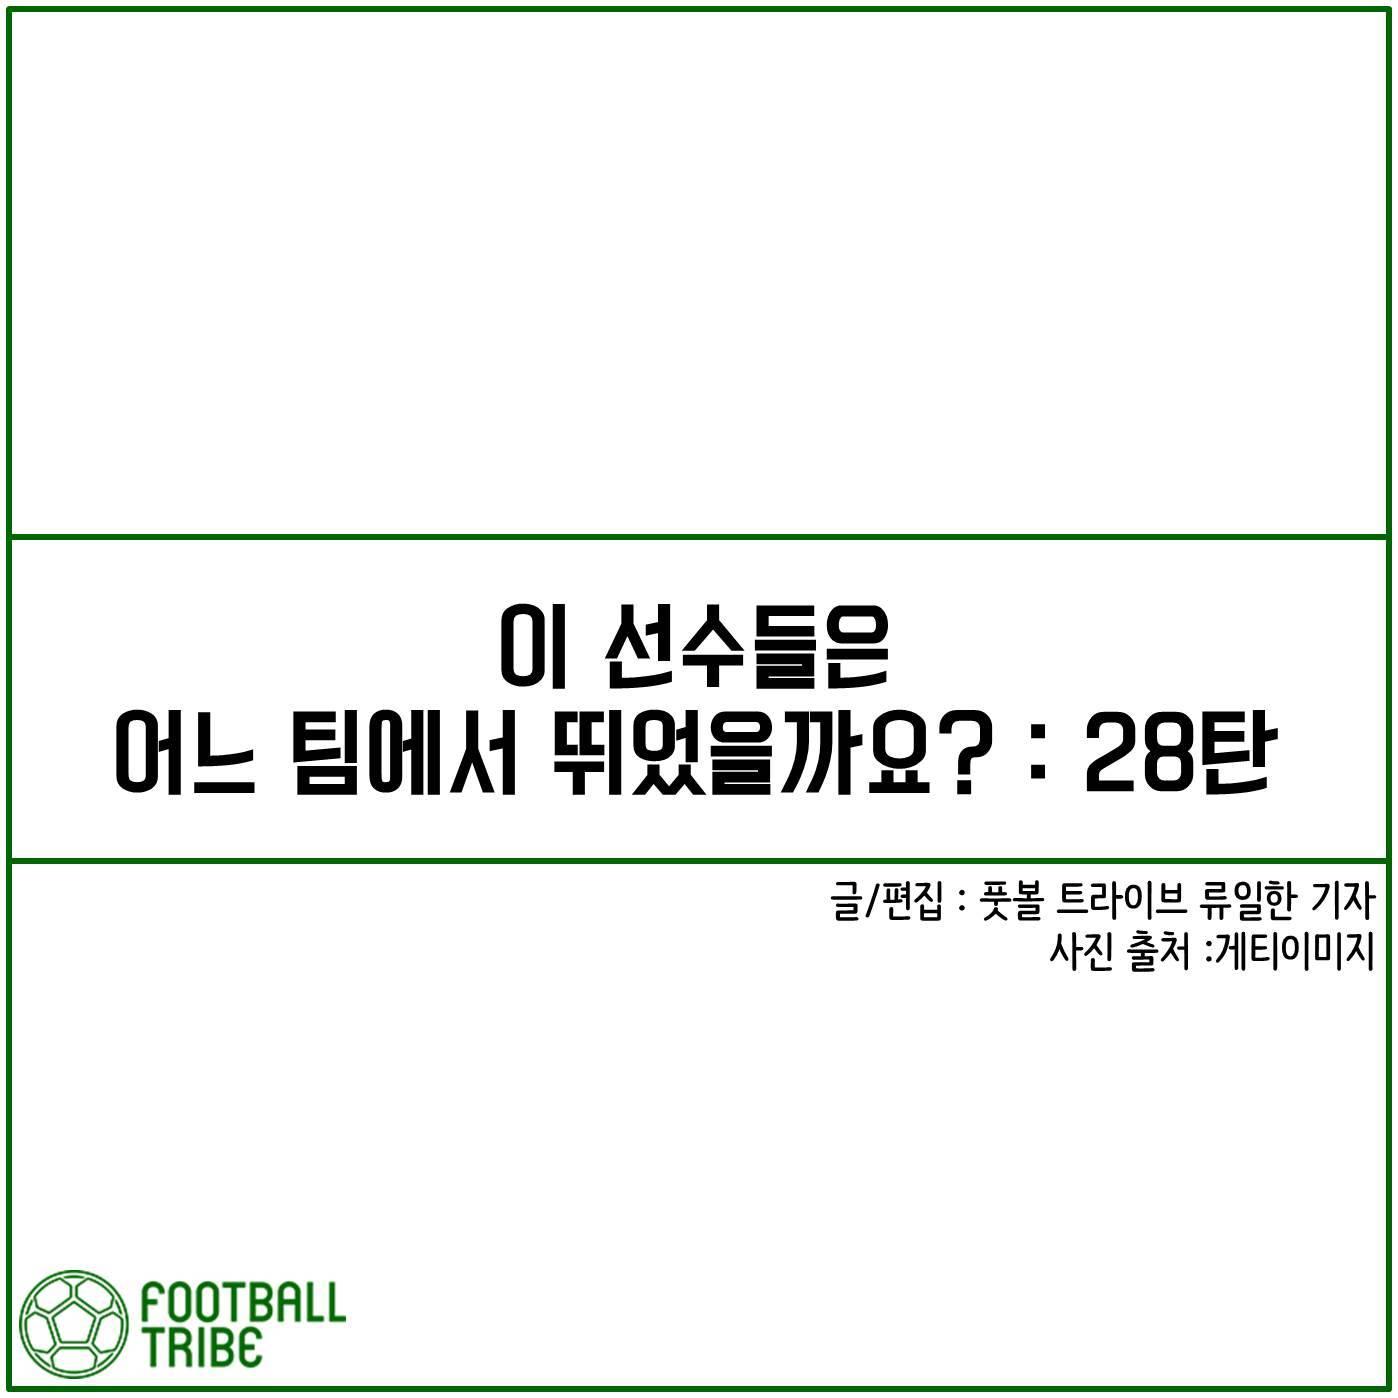 [카드 뉴스] 이 선수들은 어느 팀에서 뛰었을까요?: 28탄